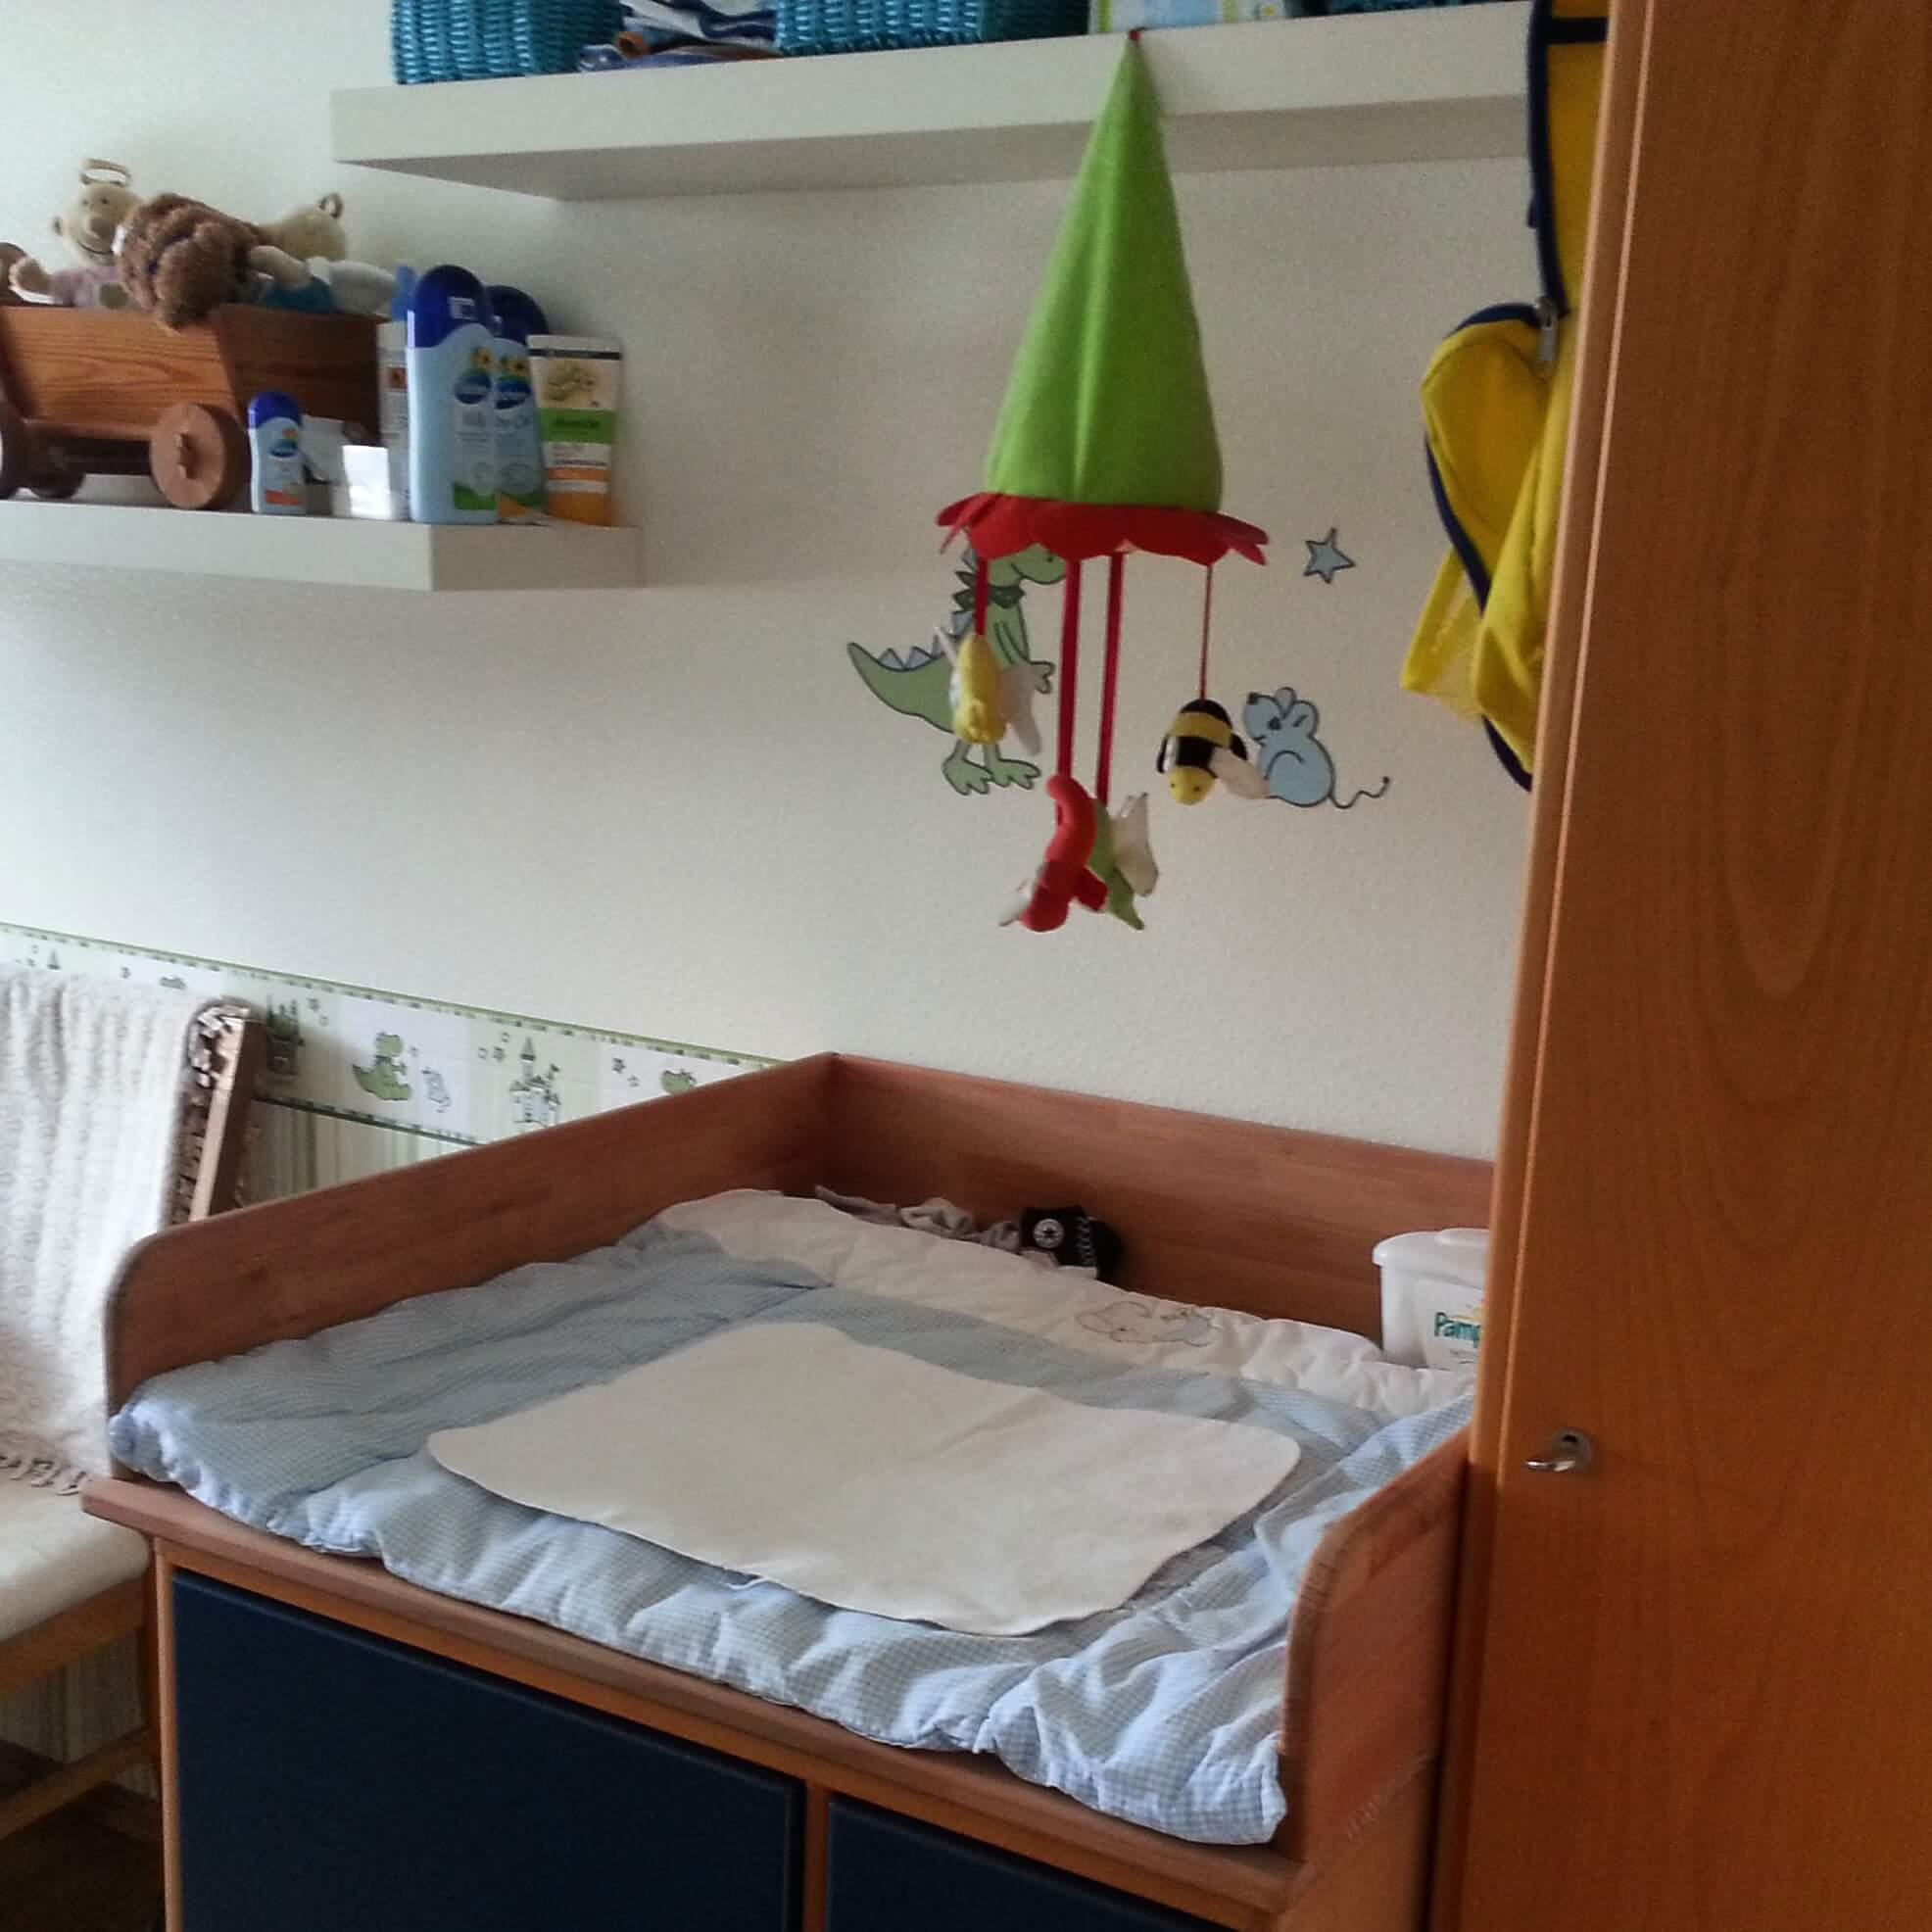 Das kleine kinderzimmer der zwillinge kerstin und das chaos - Jugendzimmer zwillinge ...